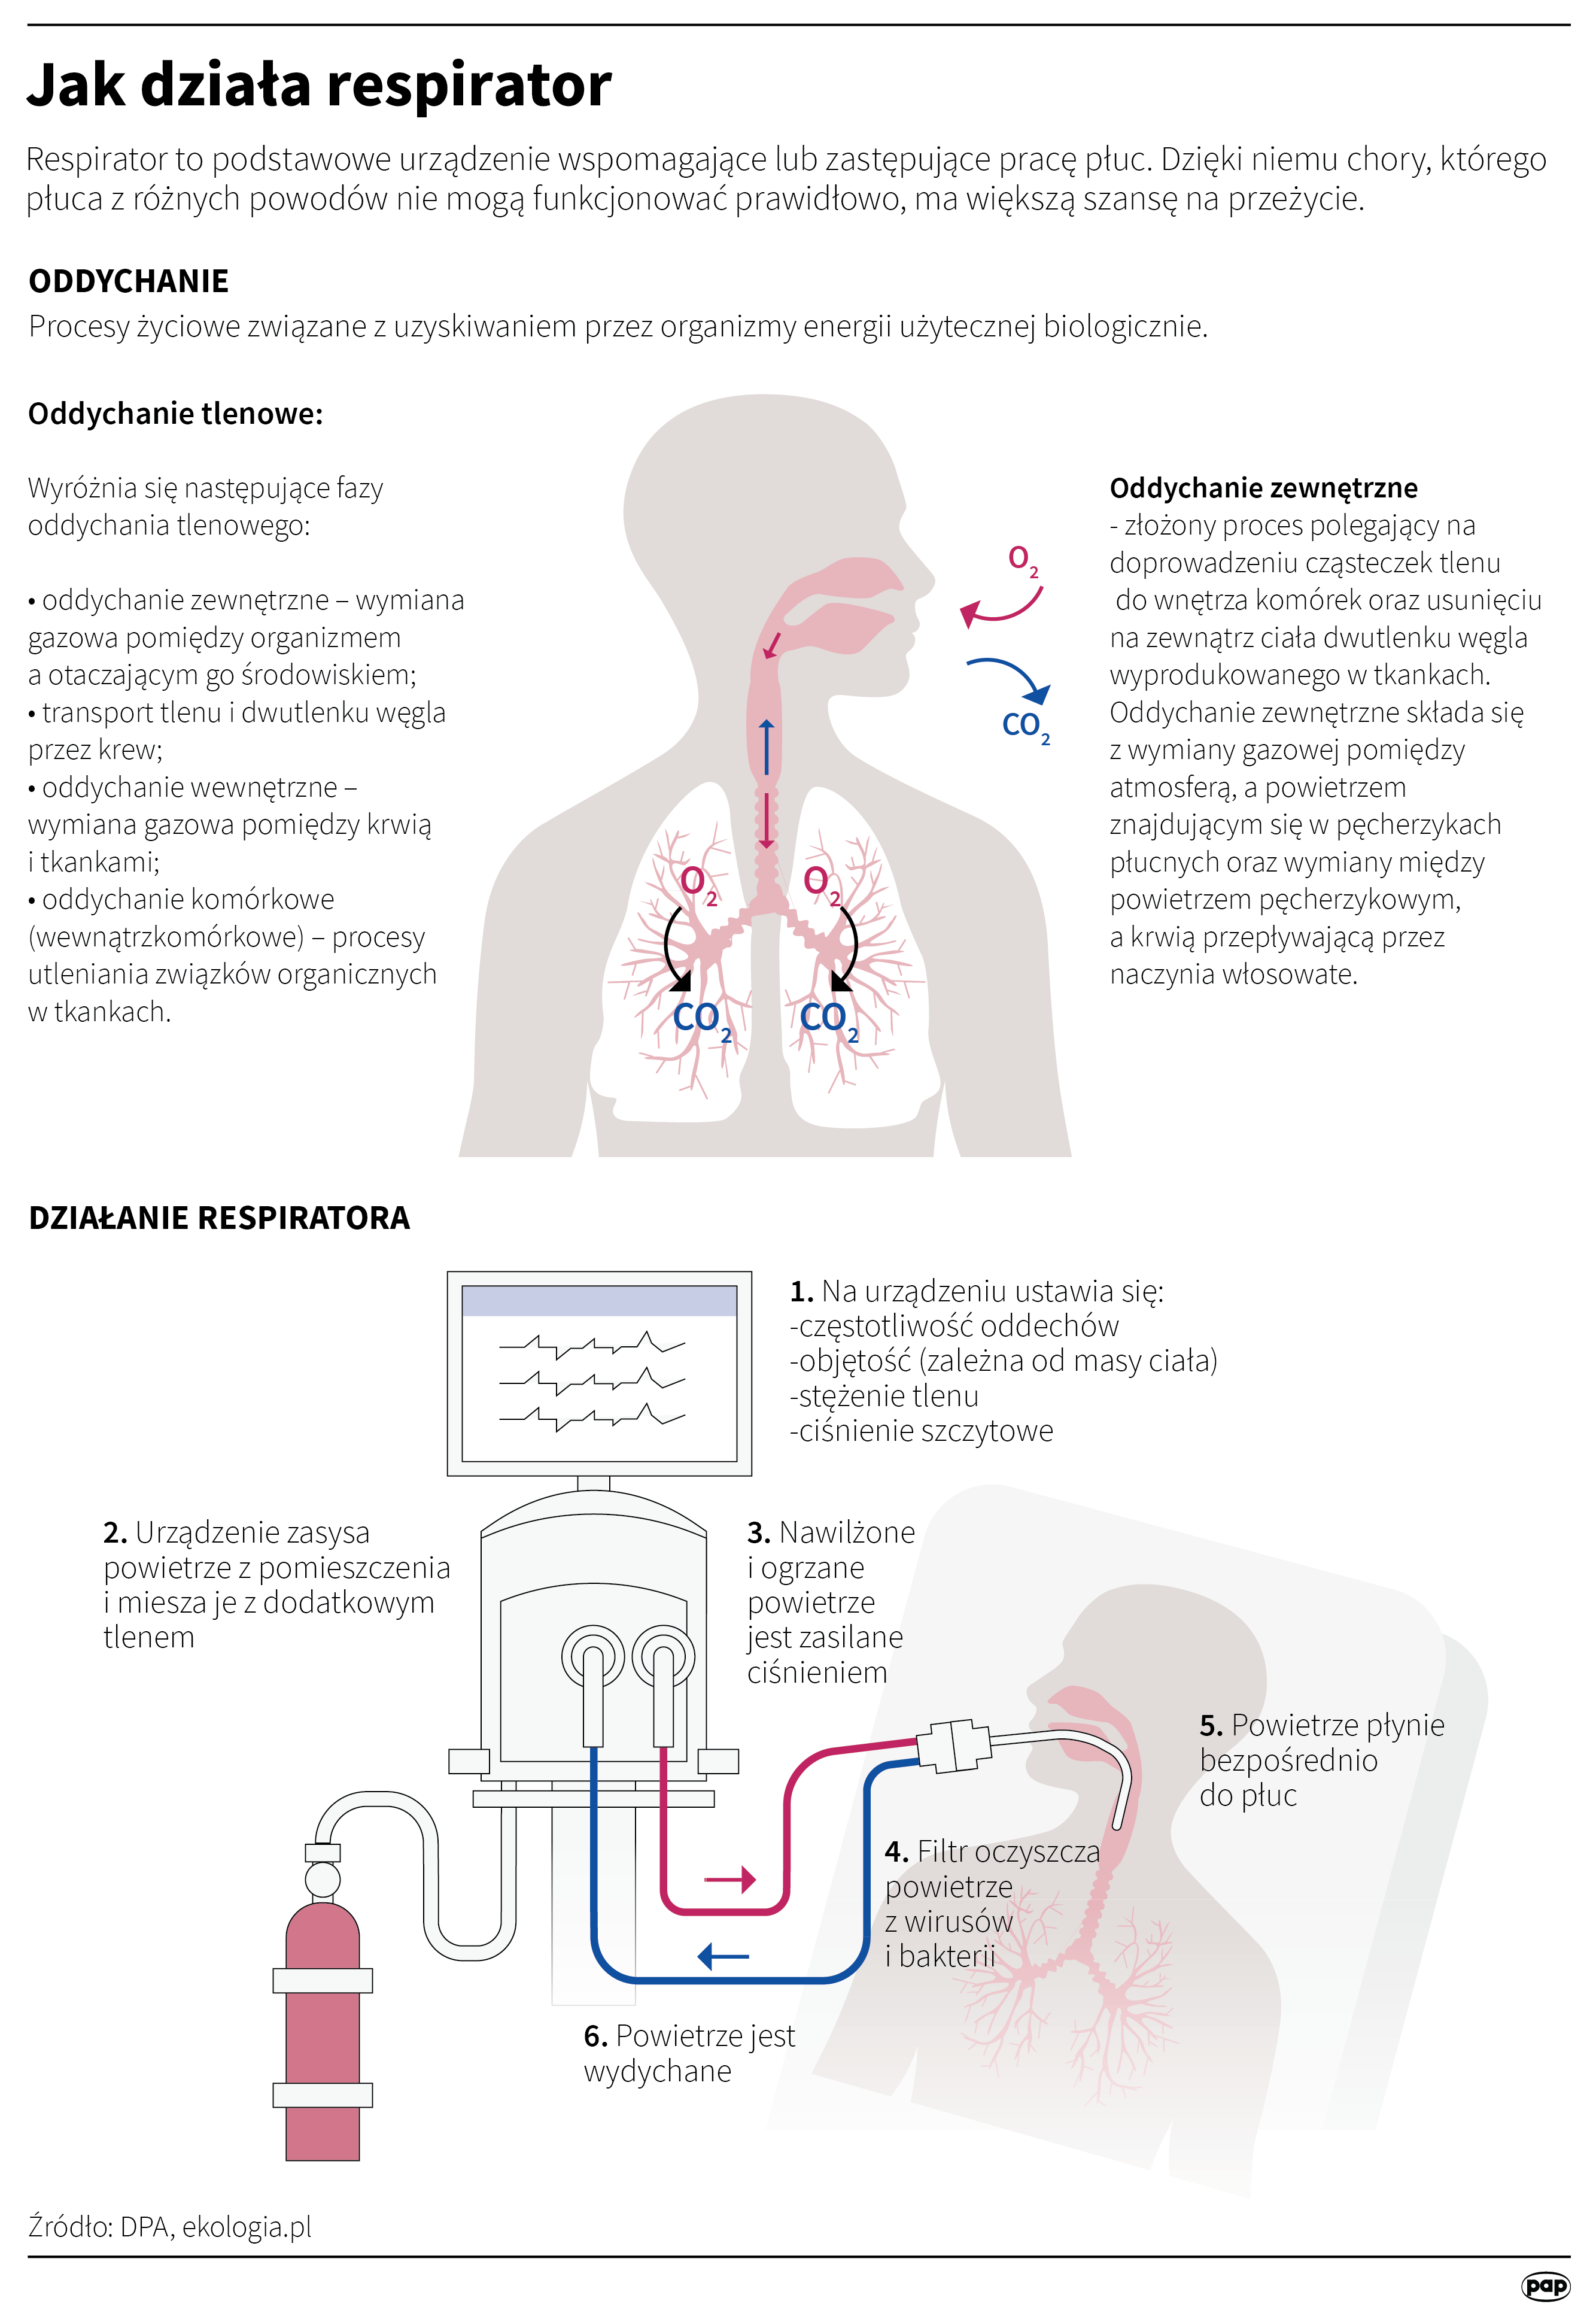 Respirator to podstawowe urządzenie wspomagające lub zastępujące pracę płuc (opr. Maria Samczuk/PAP)